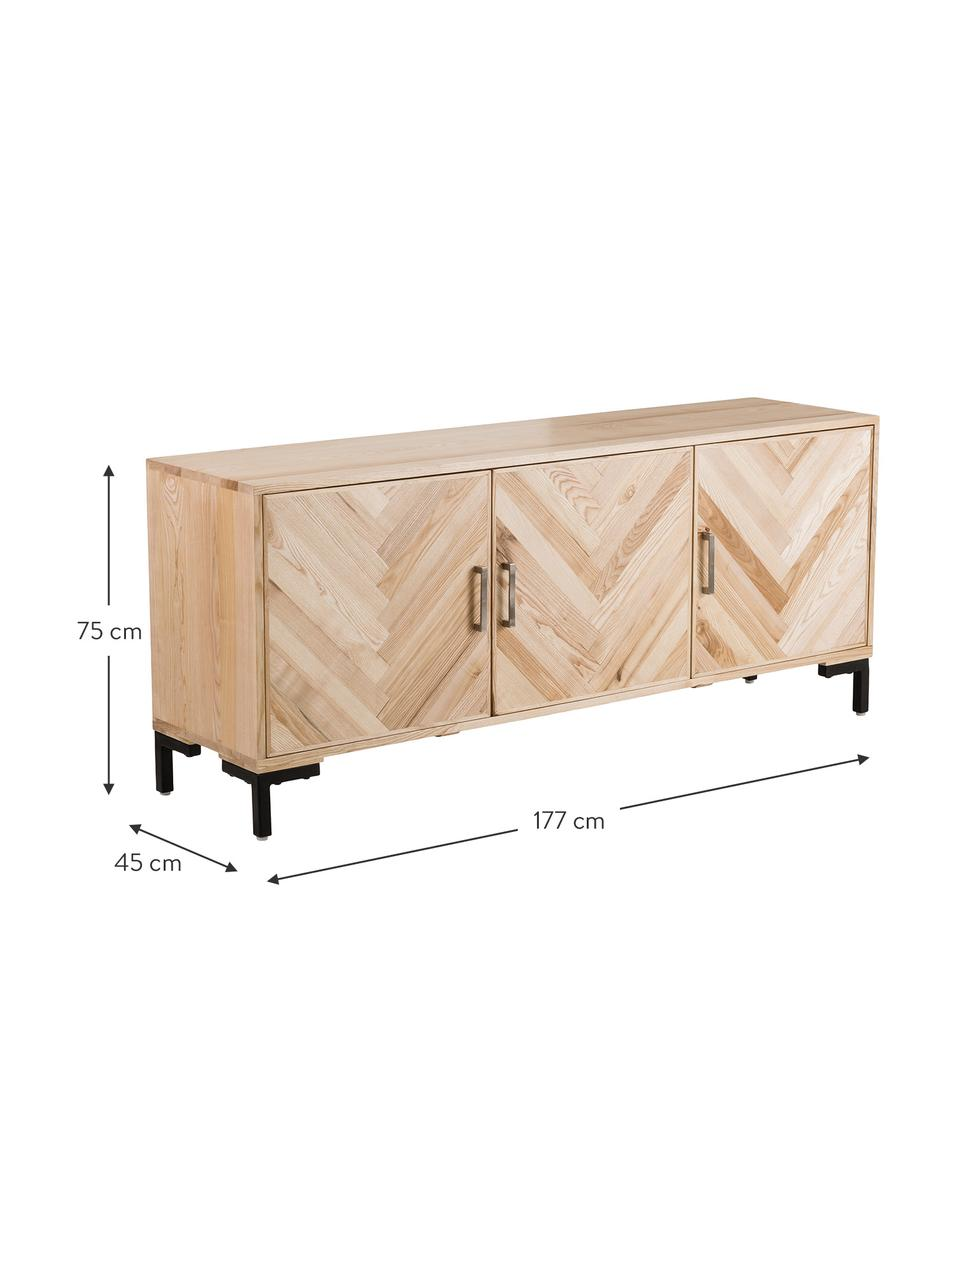 Komoda z litego drewna jesionowego Leif, Korpus: lite drewno jesionowe, la, Nogi: metal malowany proszkowo, Drewno jesionowe, S 177 x W 75 cm